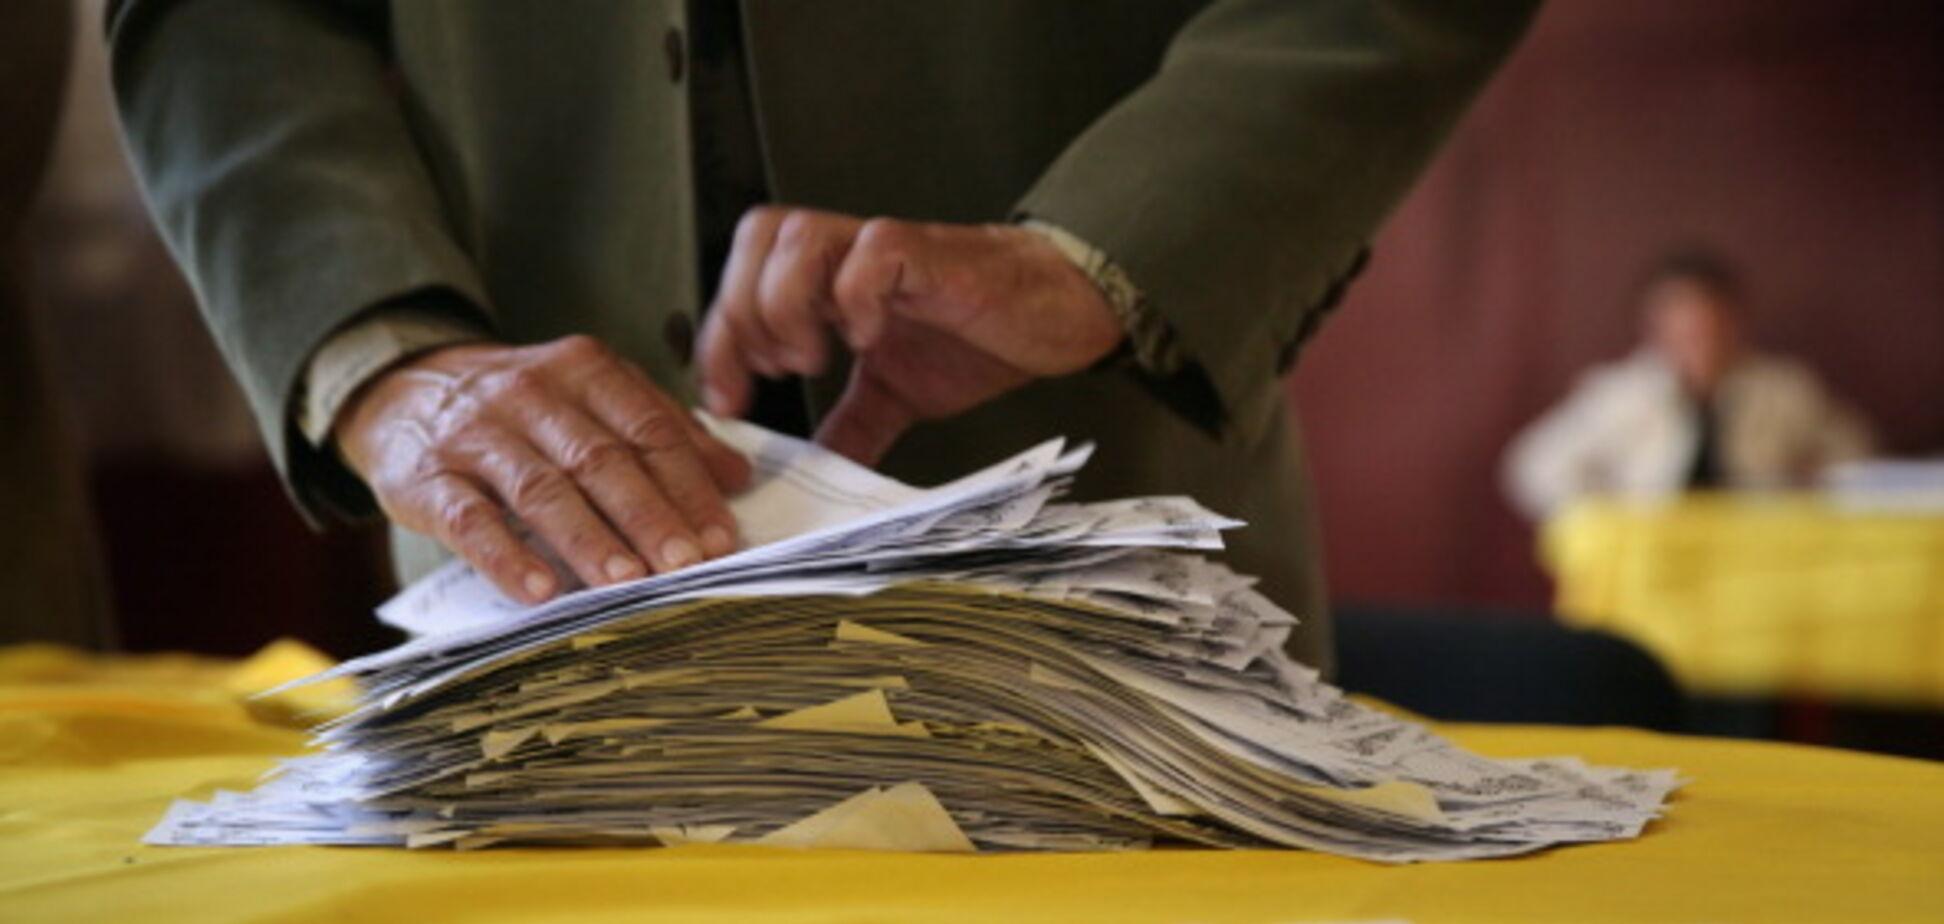 Невидимі чорнила і 10 бюлетенів у руки: у Порошенка назвали найбільш 'цікаві' порушення